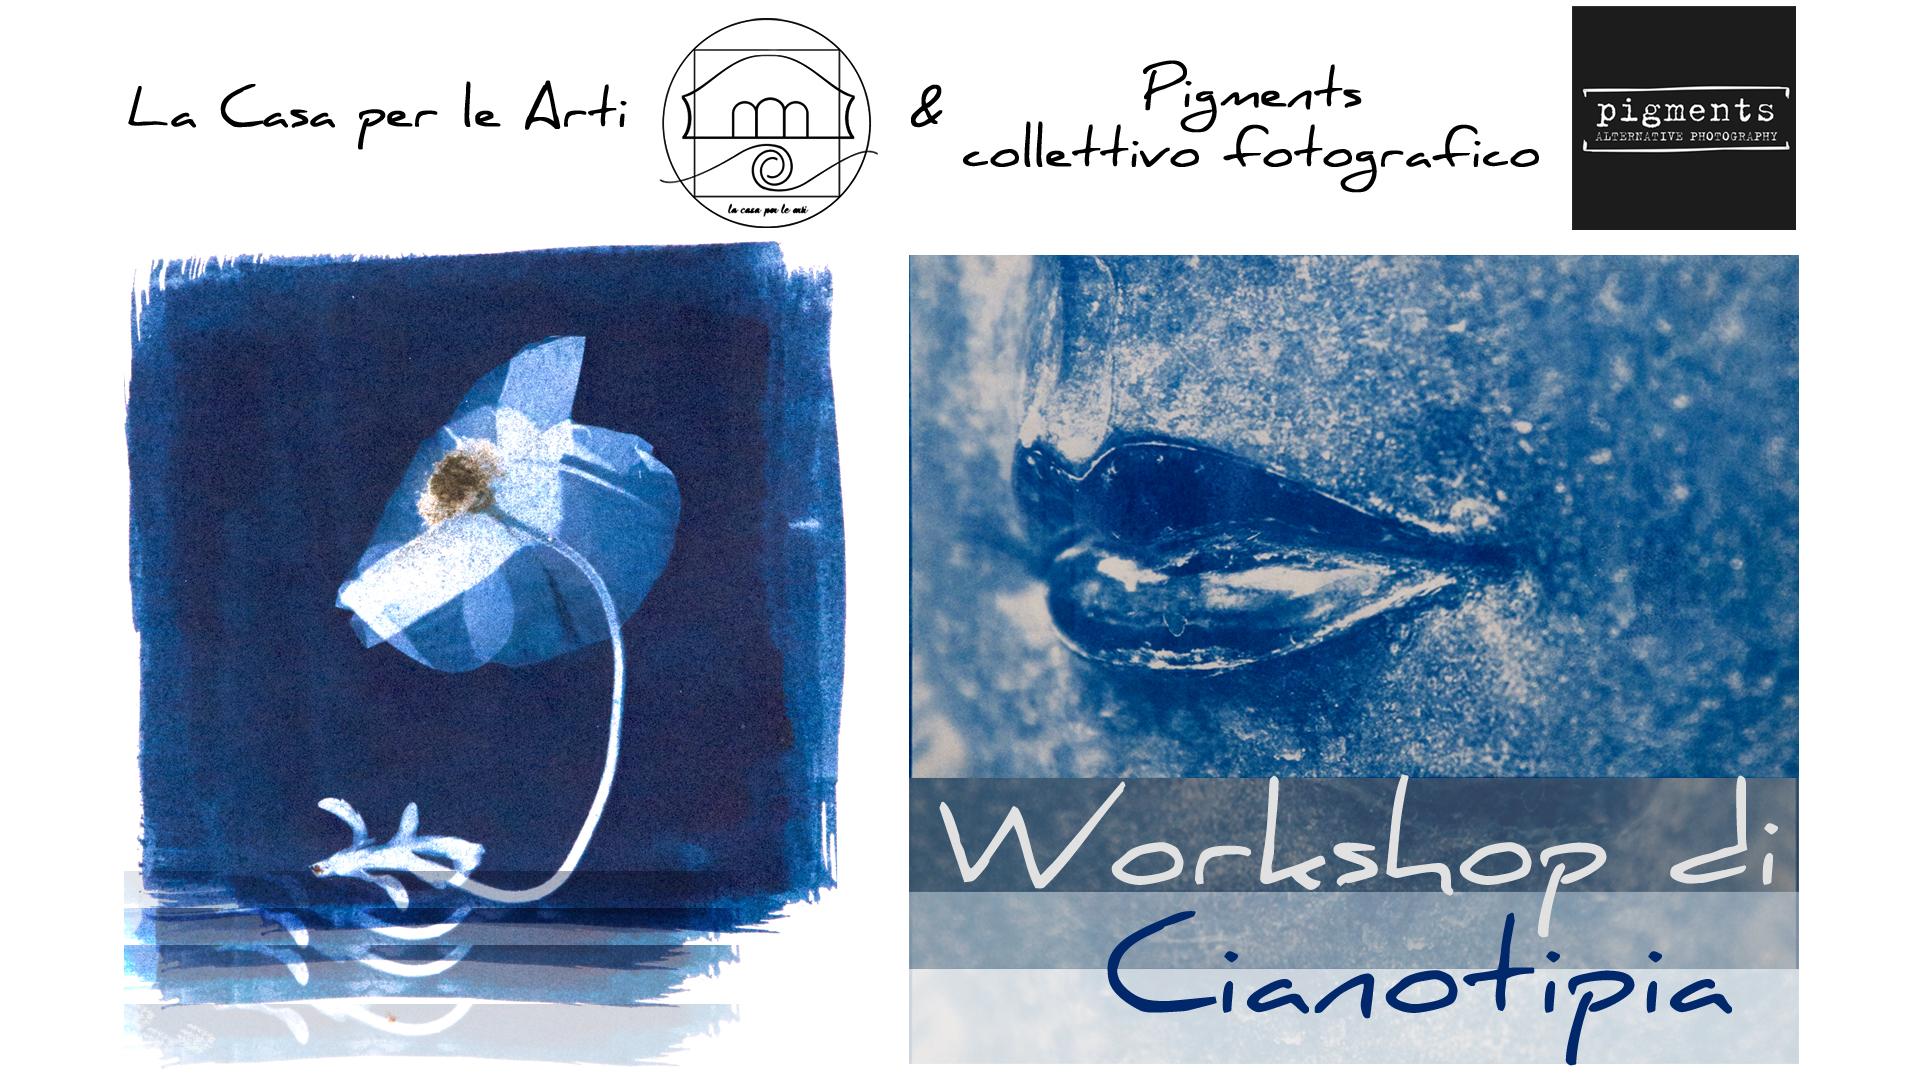 lcpla cianotipia alt Workshop di Cianotipia